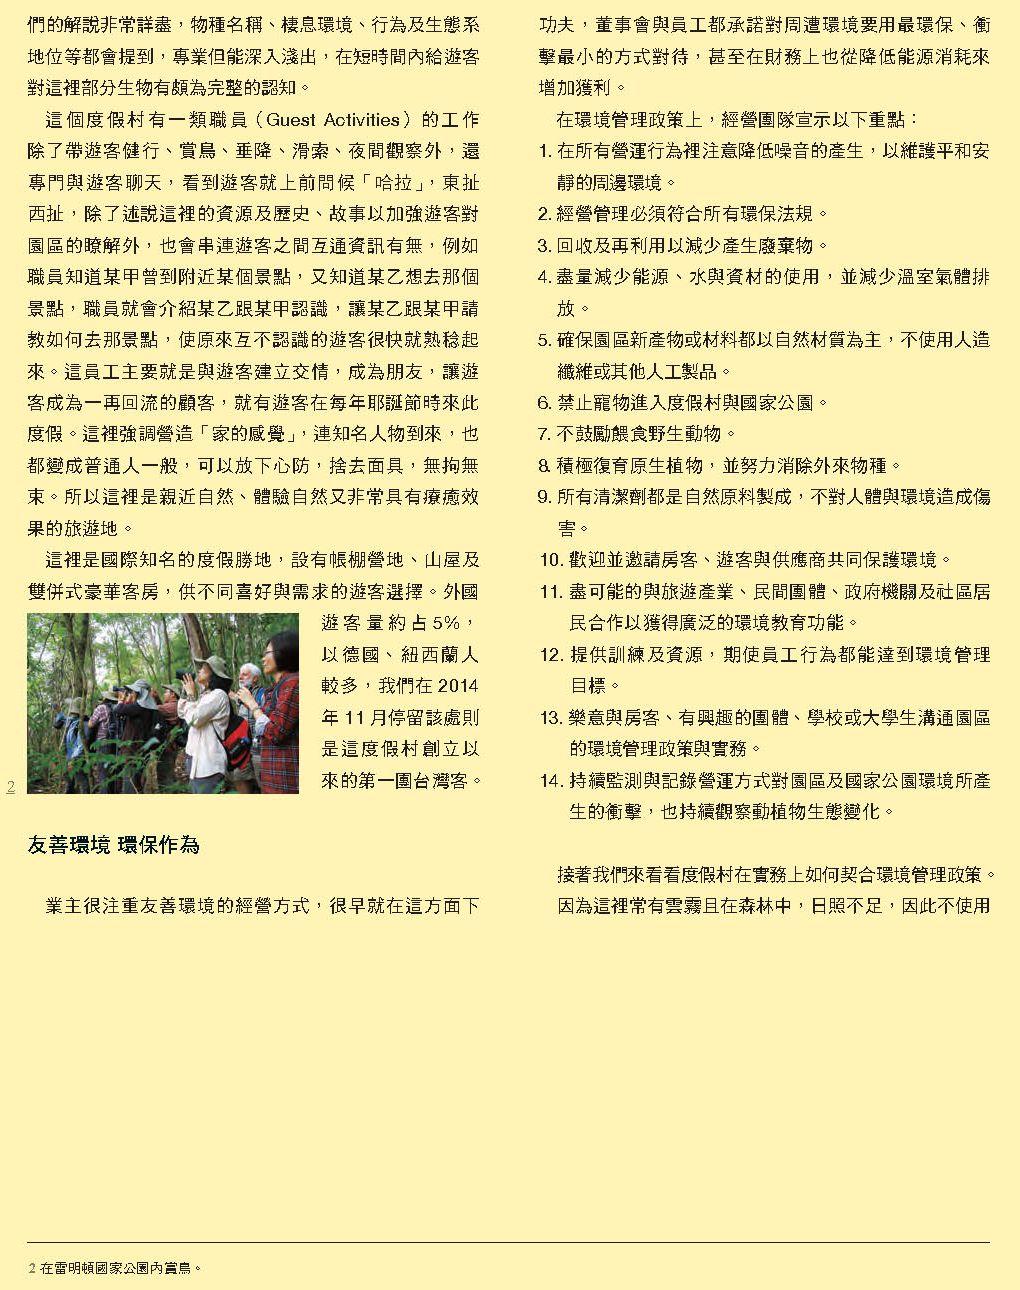 綠雜誌GREEN37_Binna Burra Lodge 是綠色飯店典範-賴鵬智-201510_頁面_2-裁切.jpg - 日誌用相簿